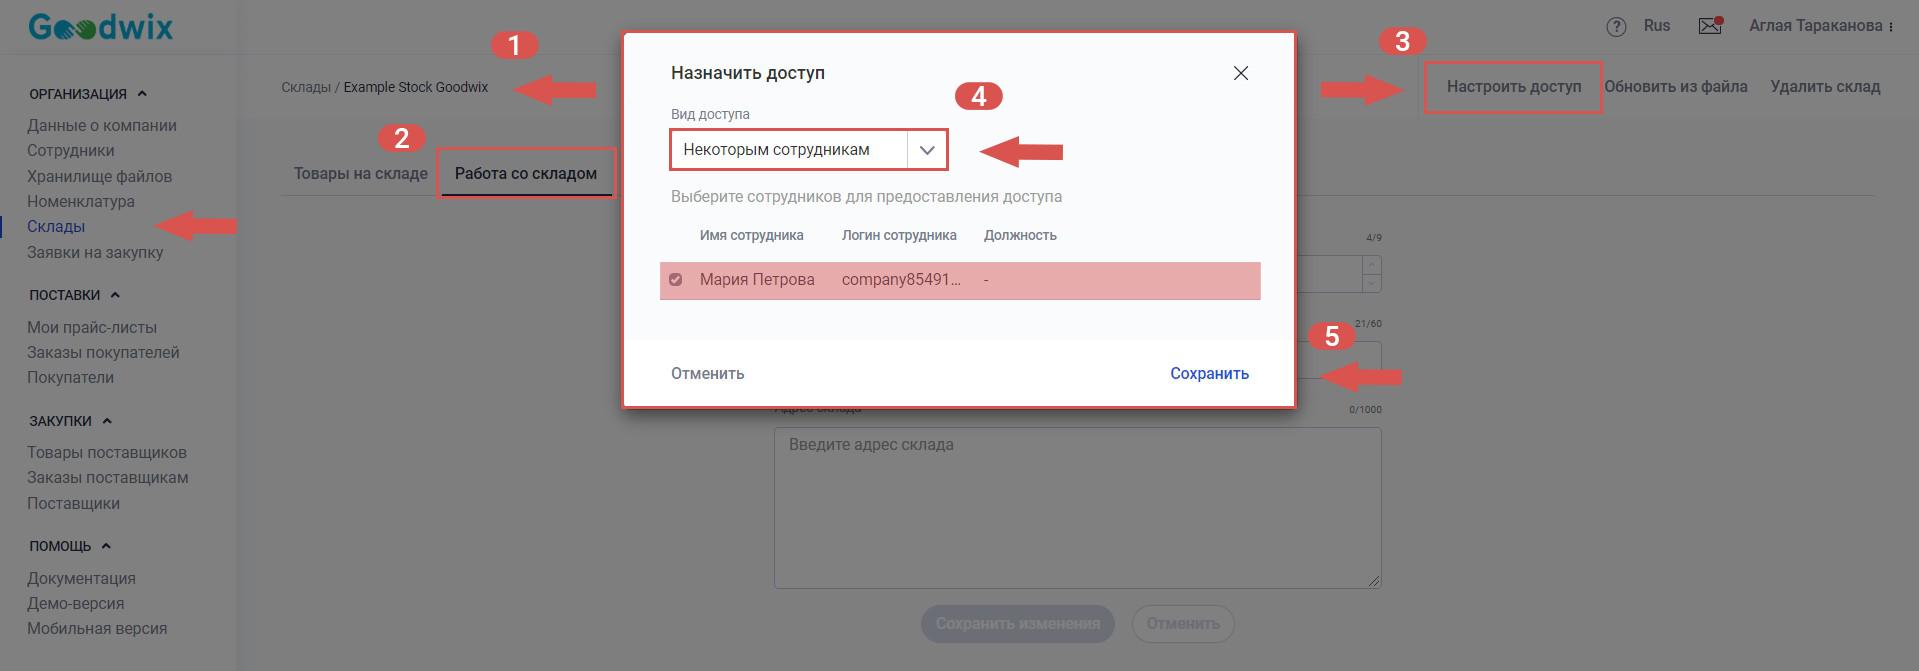 Настройка прав пользователей для работы со складом в Goodwix